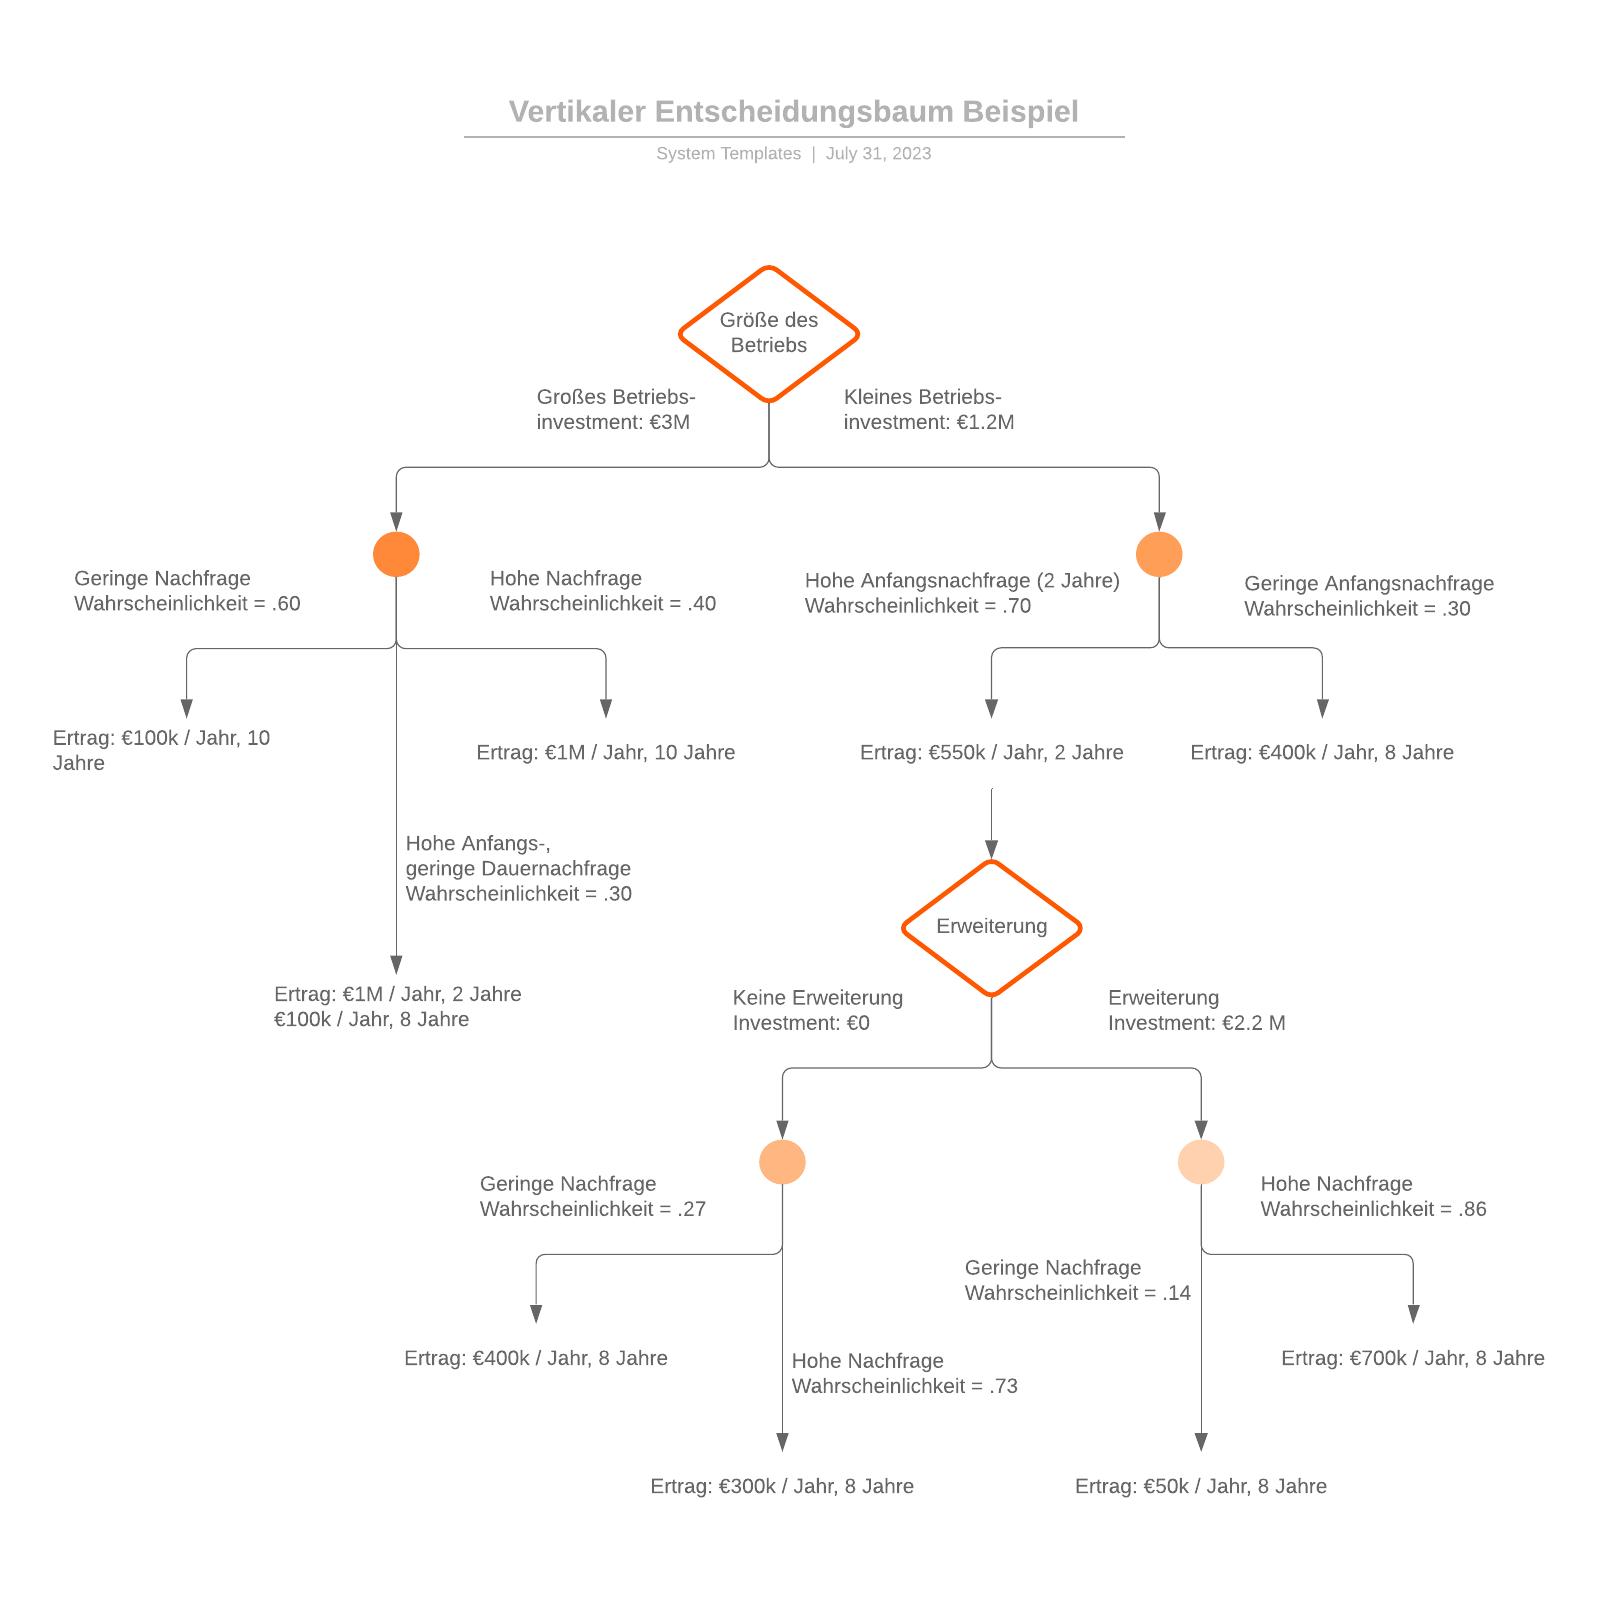 Vertikaler Entscheidungsbaum - Beispiel